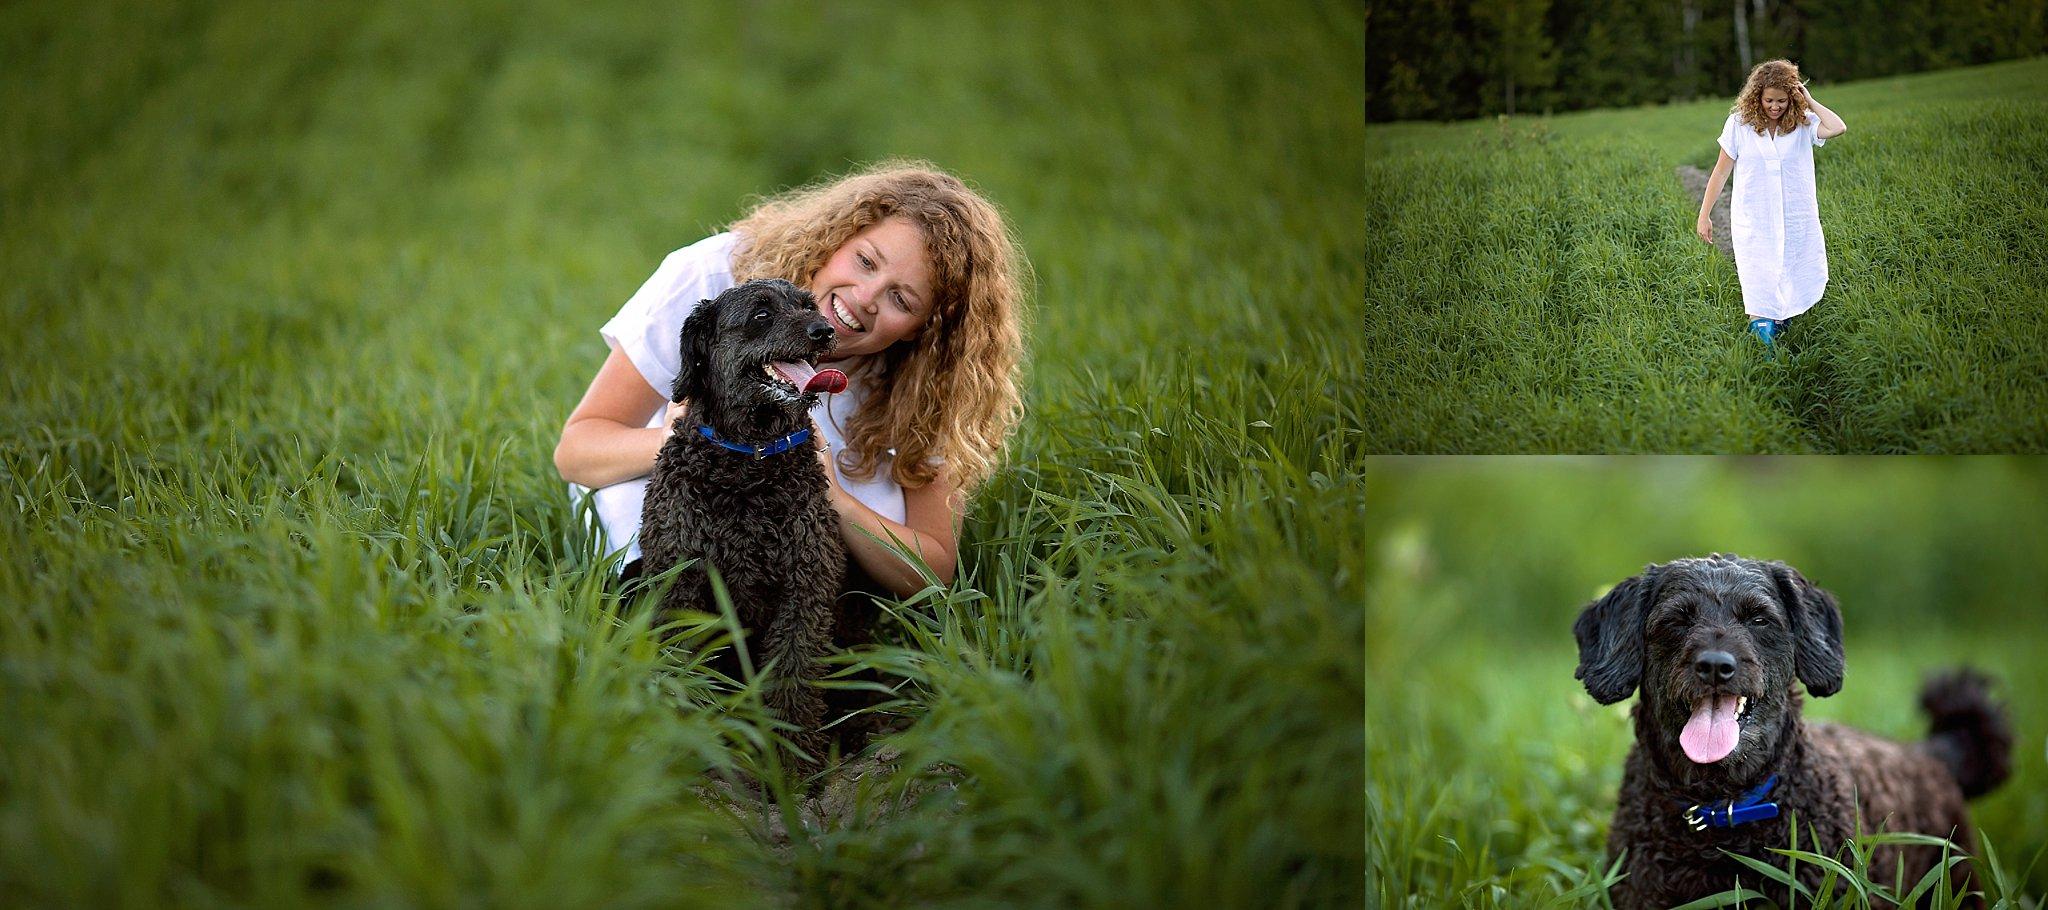 Pet photography Ottawa